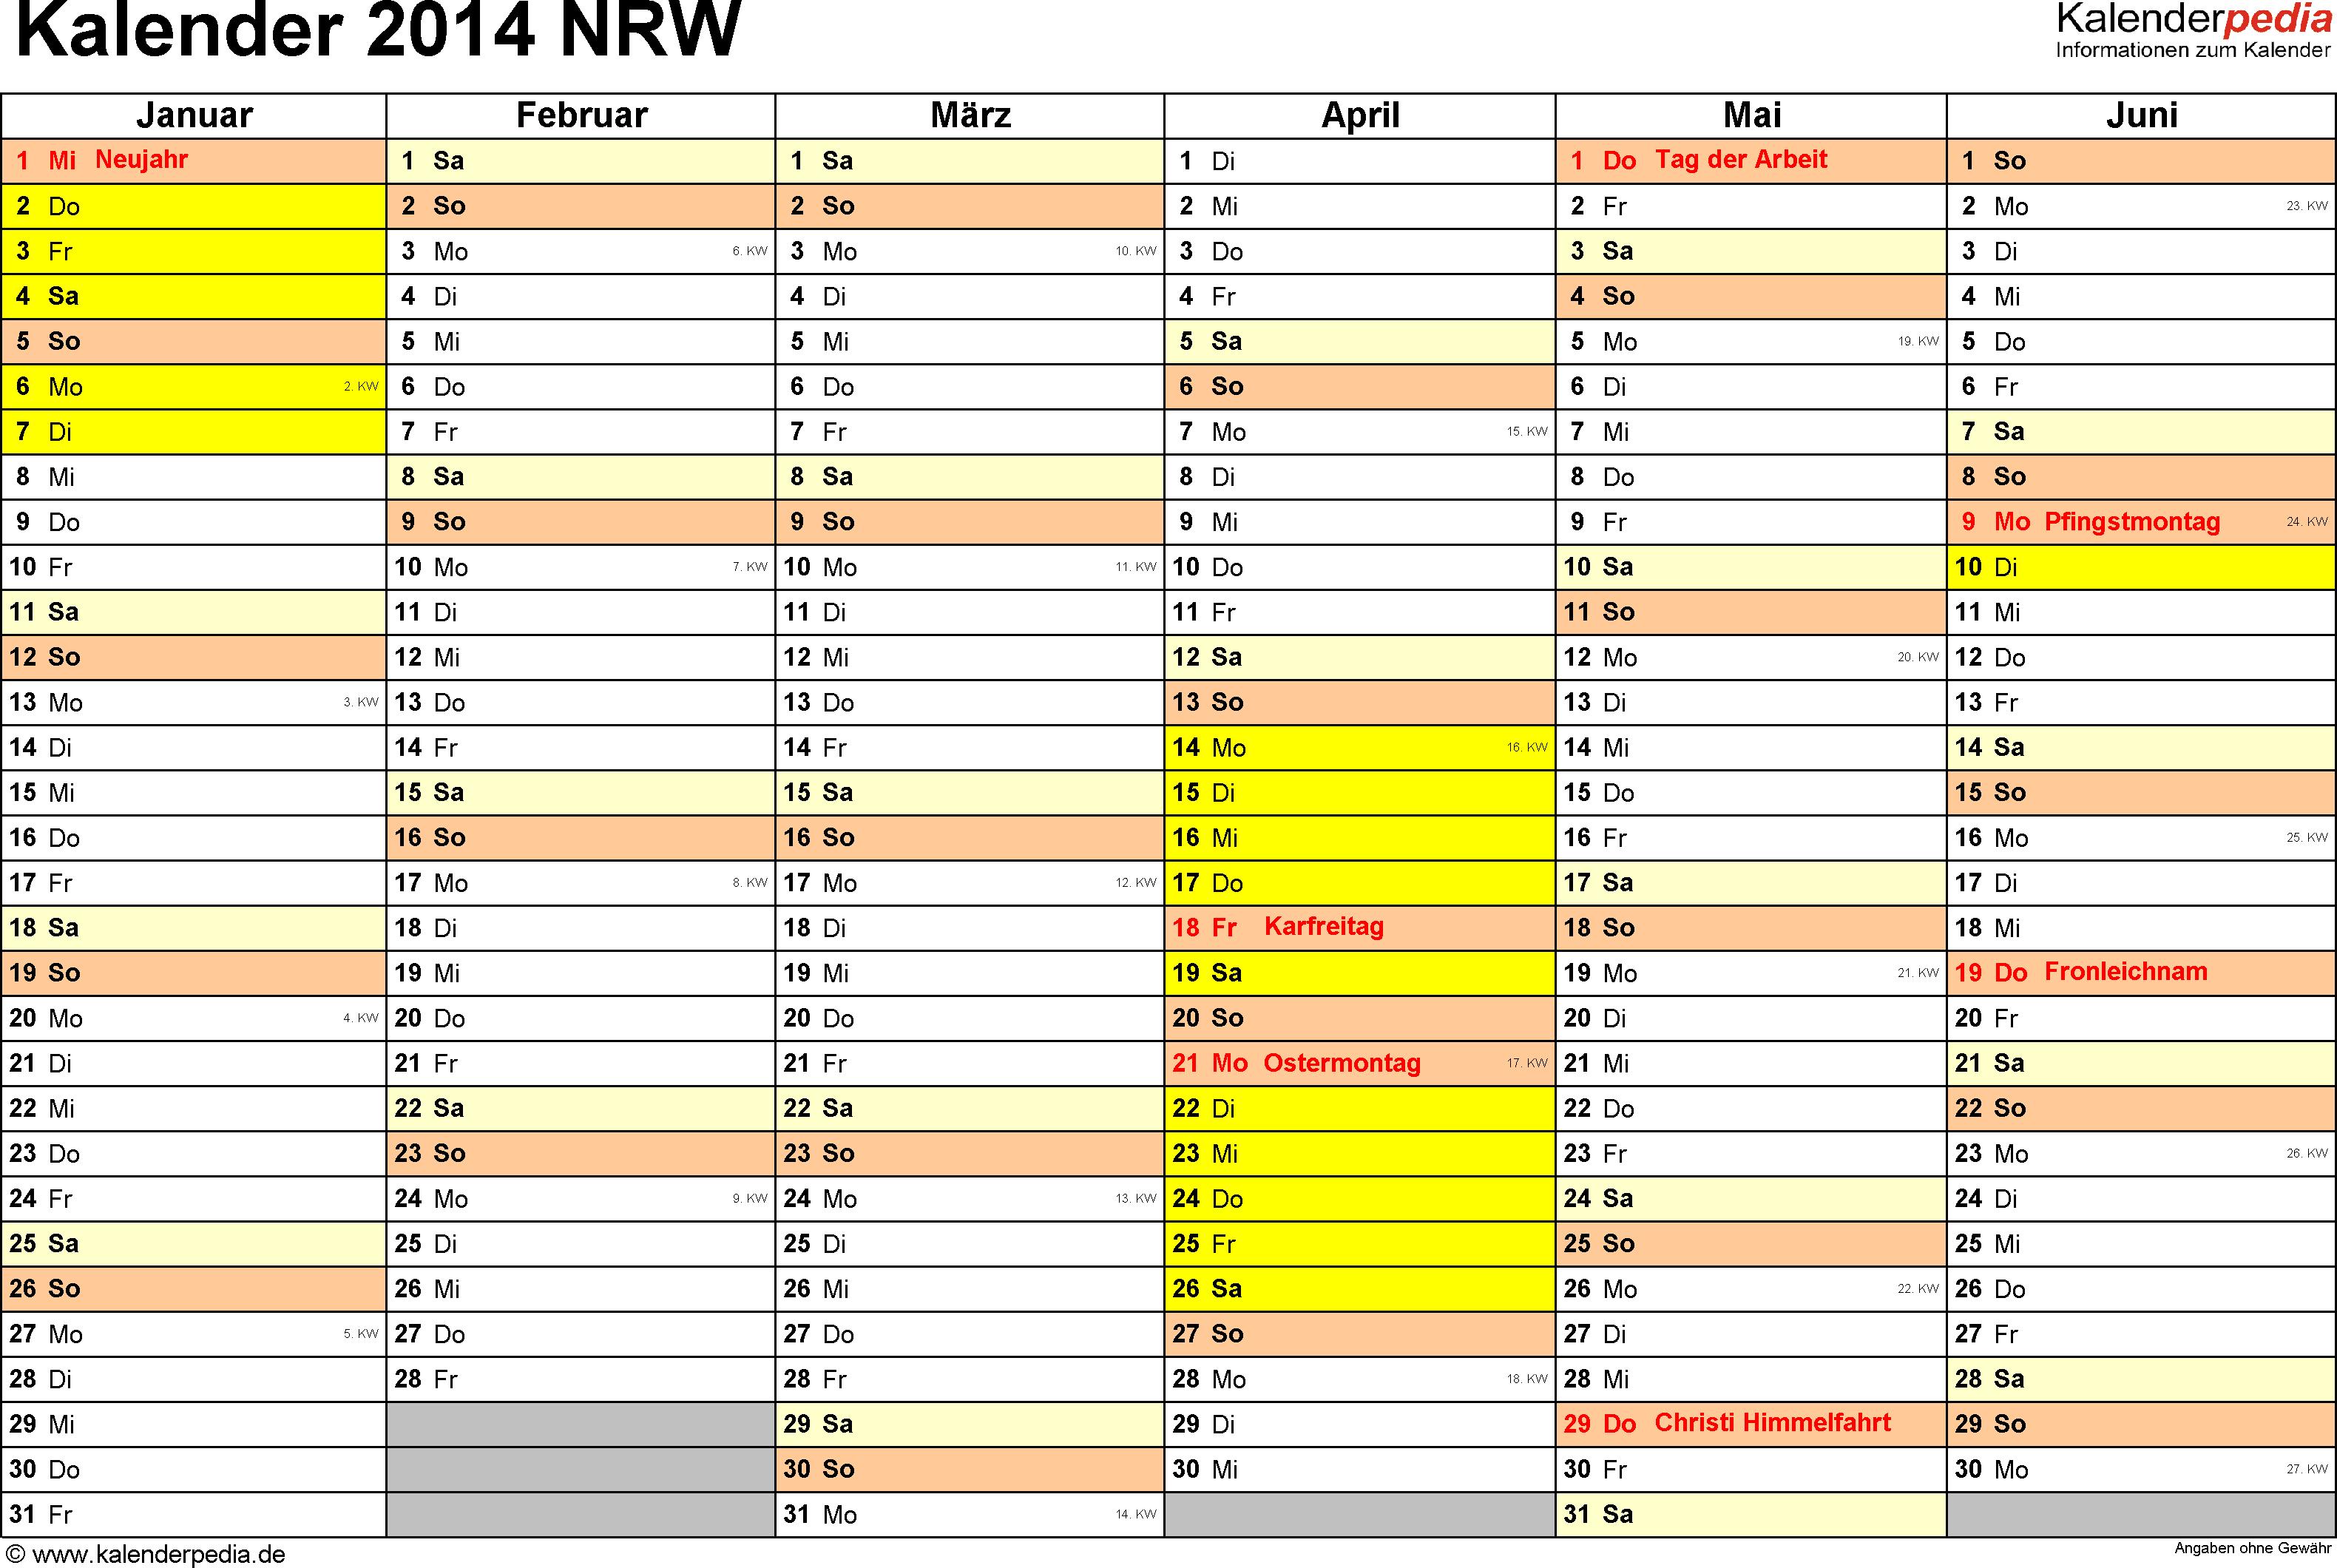 Vorlage 2: Kalender 2014 für Nordrhein-Westfalen (NRW) als Excel-Vorlagen (Querformat, 2 Seiten)